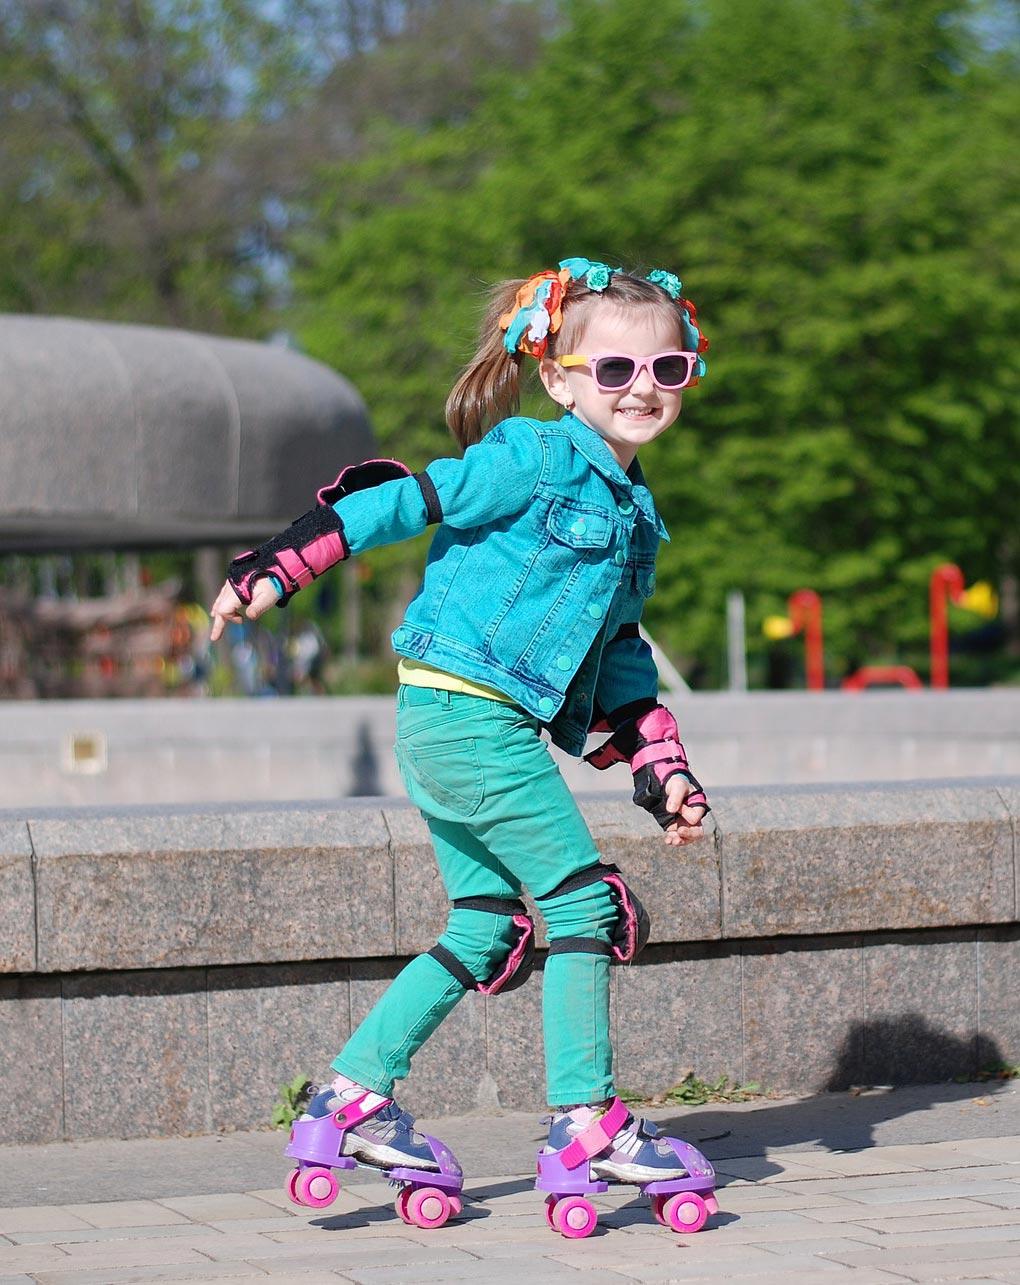 iperattivita - Bambina sui pattini a rotelle